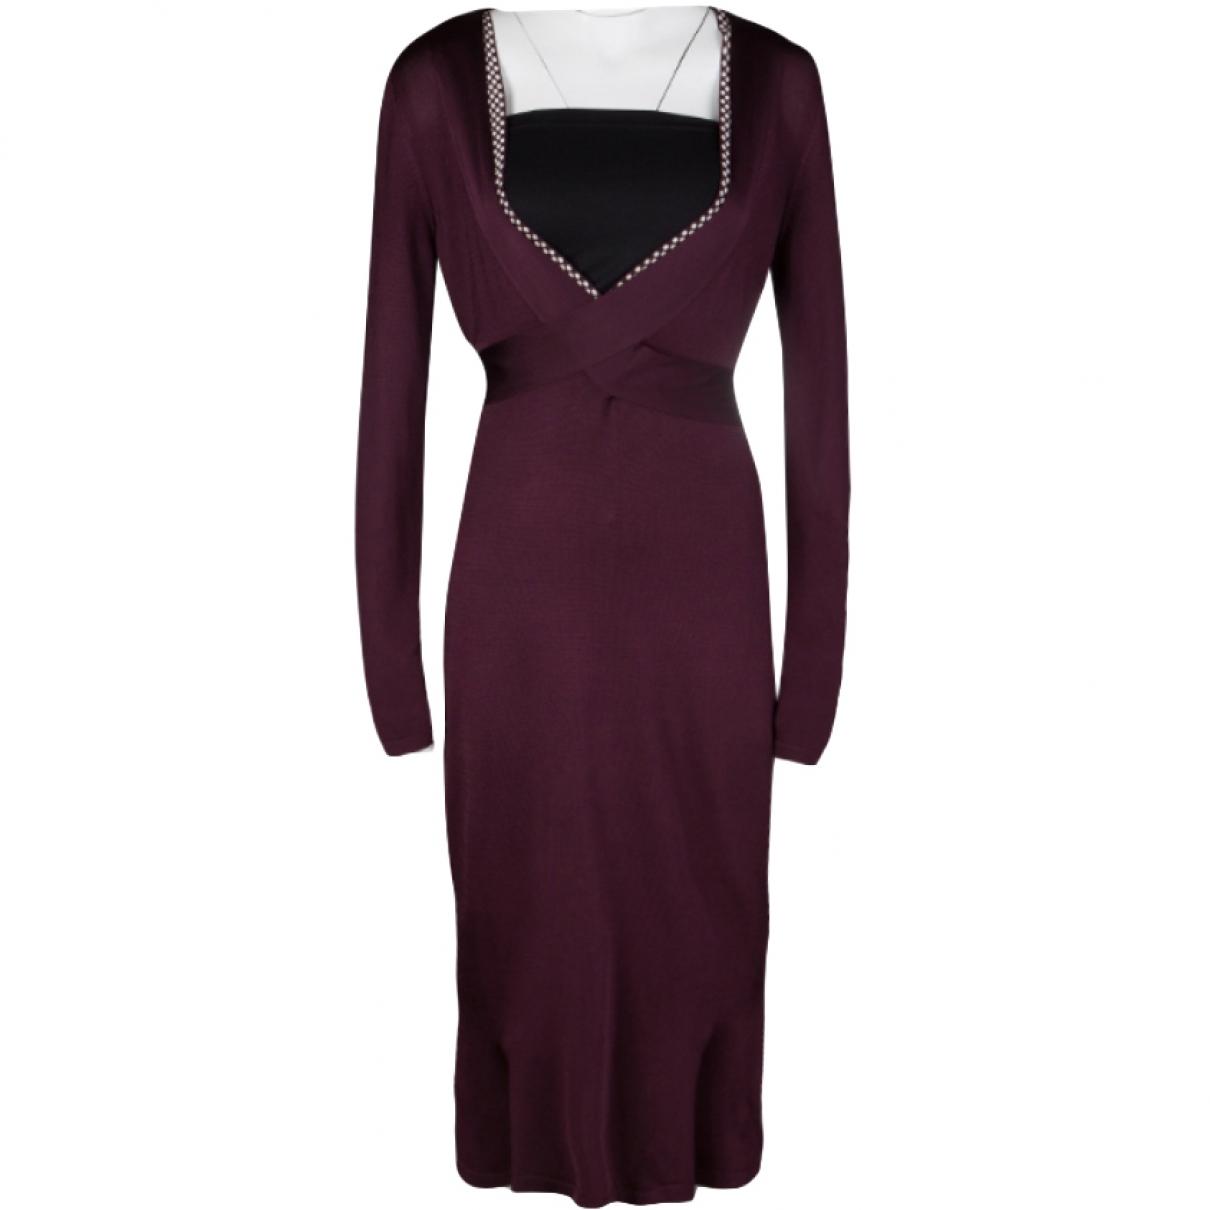 Alexander Mcqueen \N Burgundy dress for Women L International